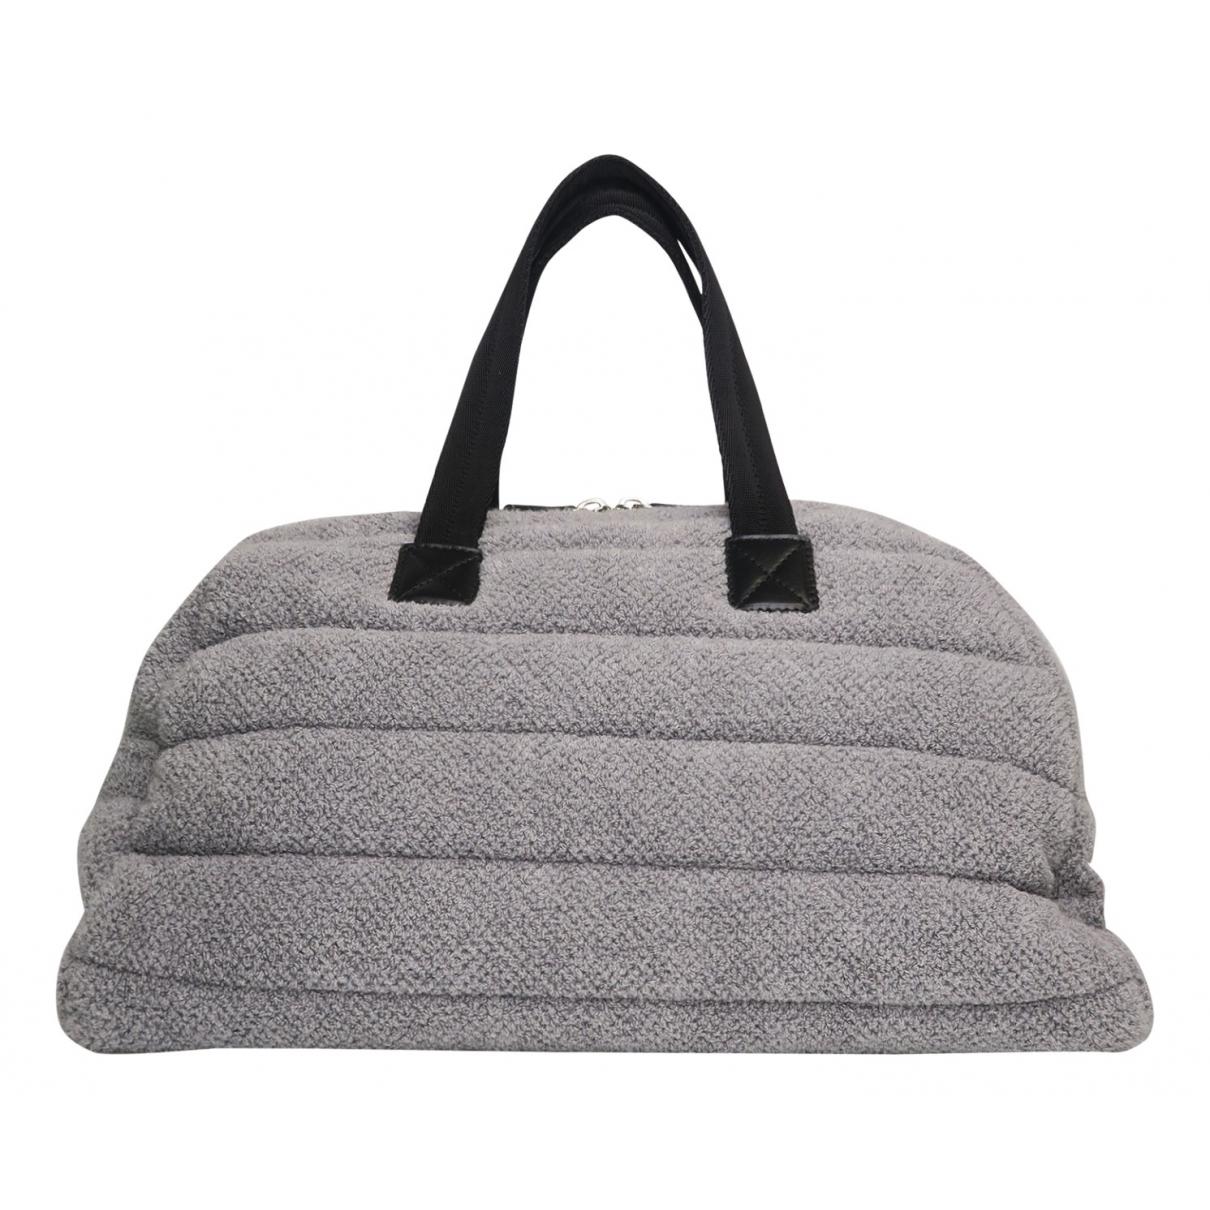 Chanel - Sac de voyage   pour femme en cuir - gris